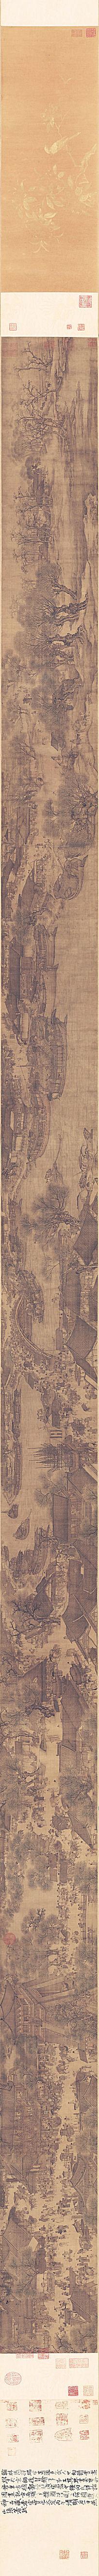 北宋 张择端《清明上河图》高清国画长卷